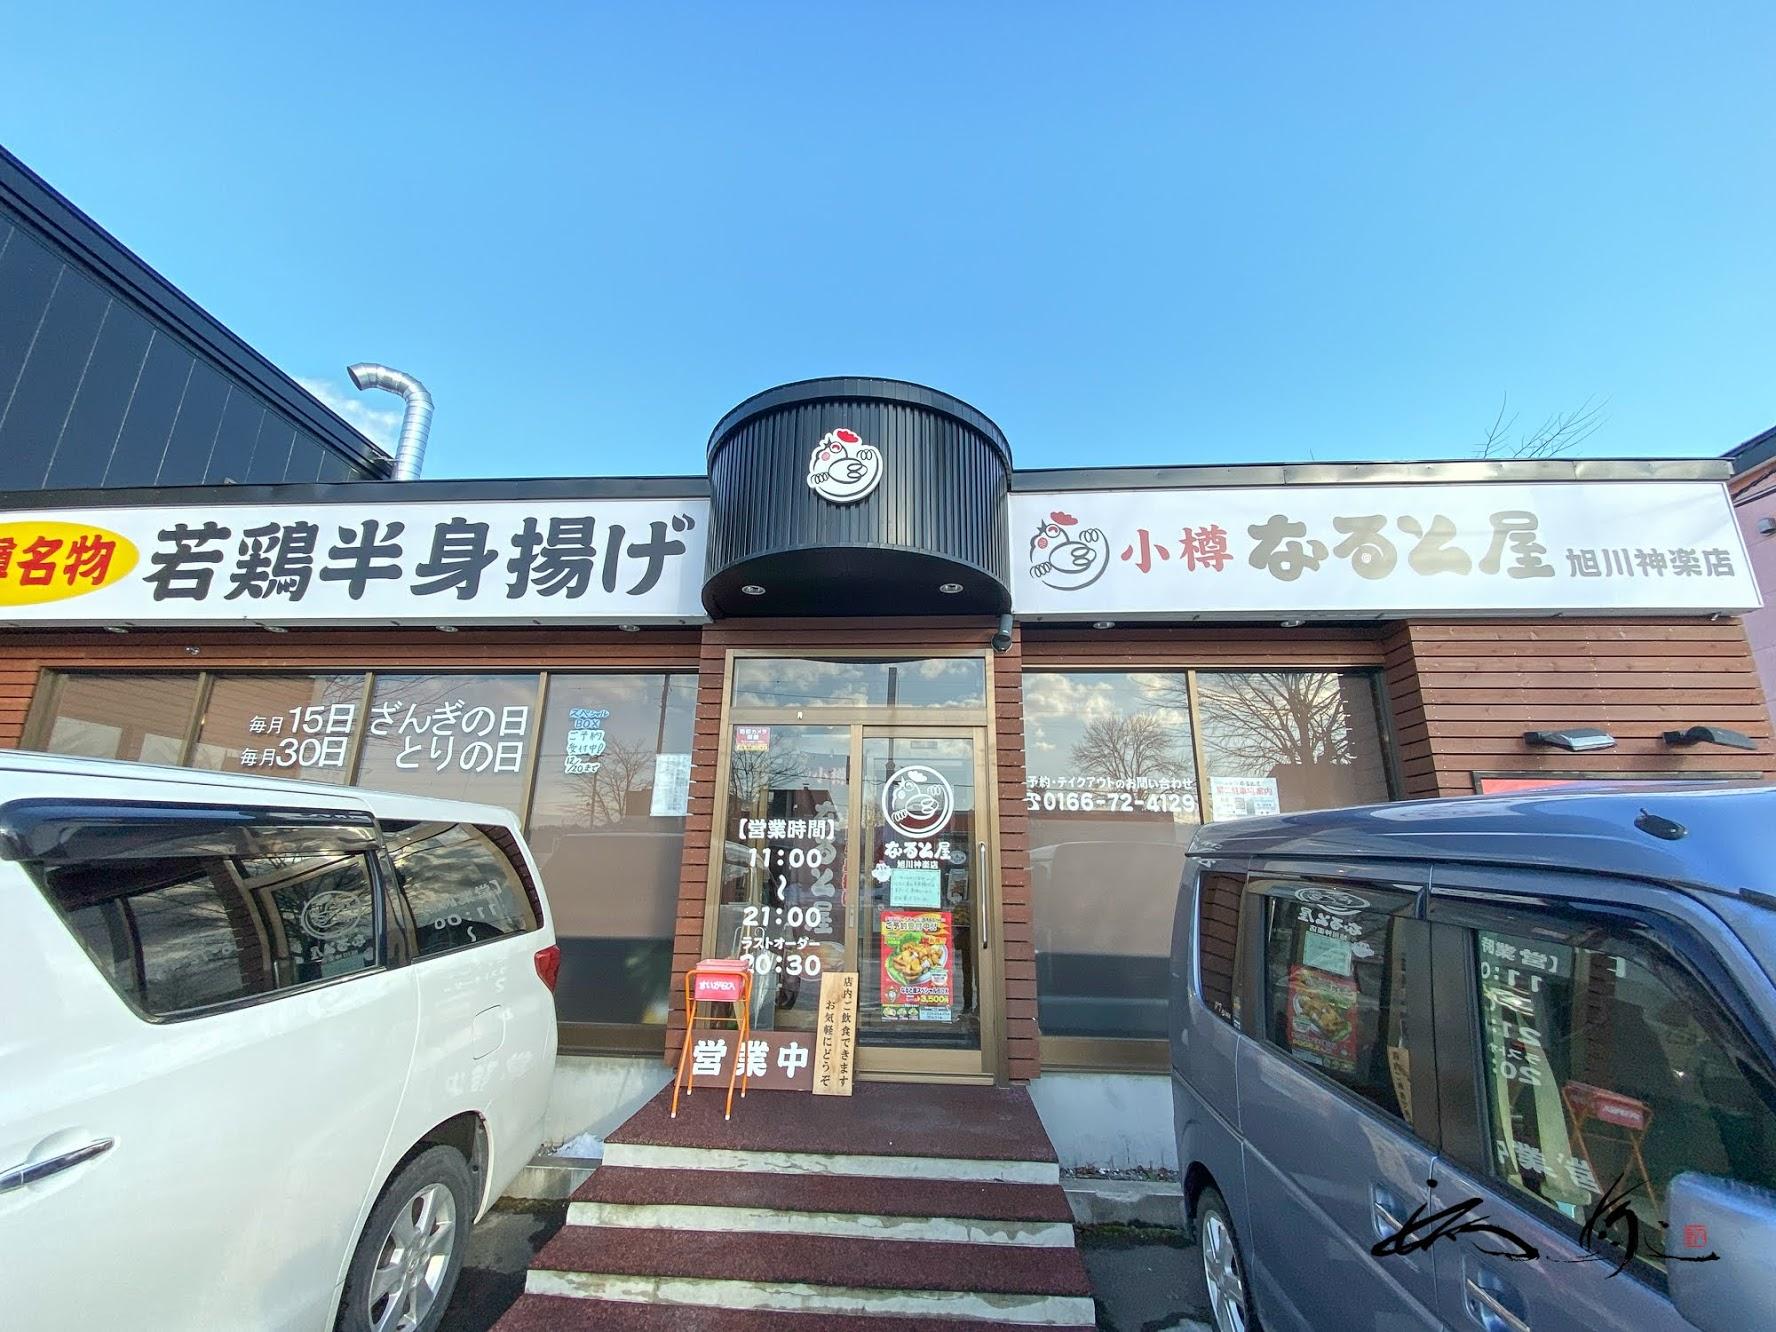 小樽なると屋旭川神楽店(旭川市)おすすめの「若鶏半身揚げ」「ざんぎ」を味わう